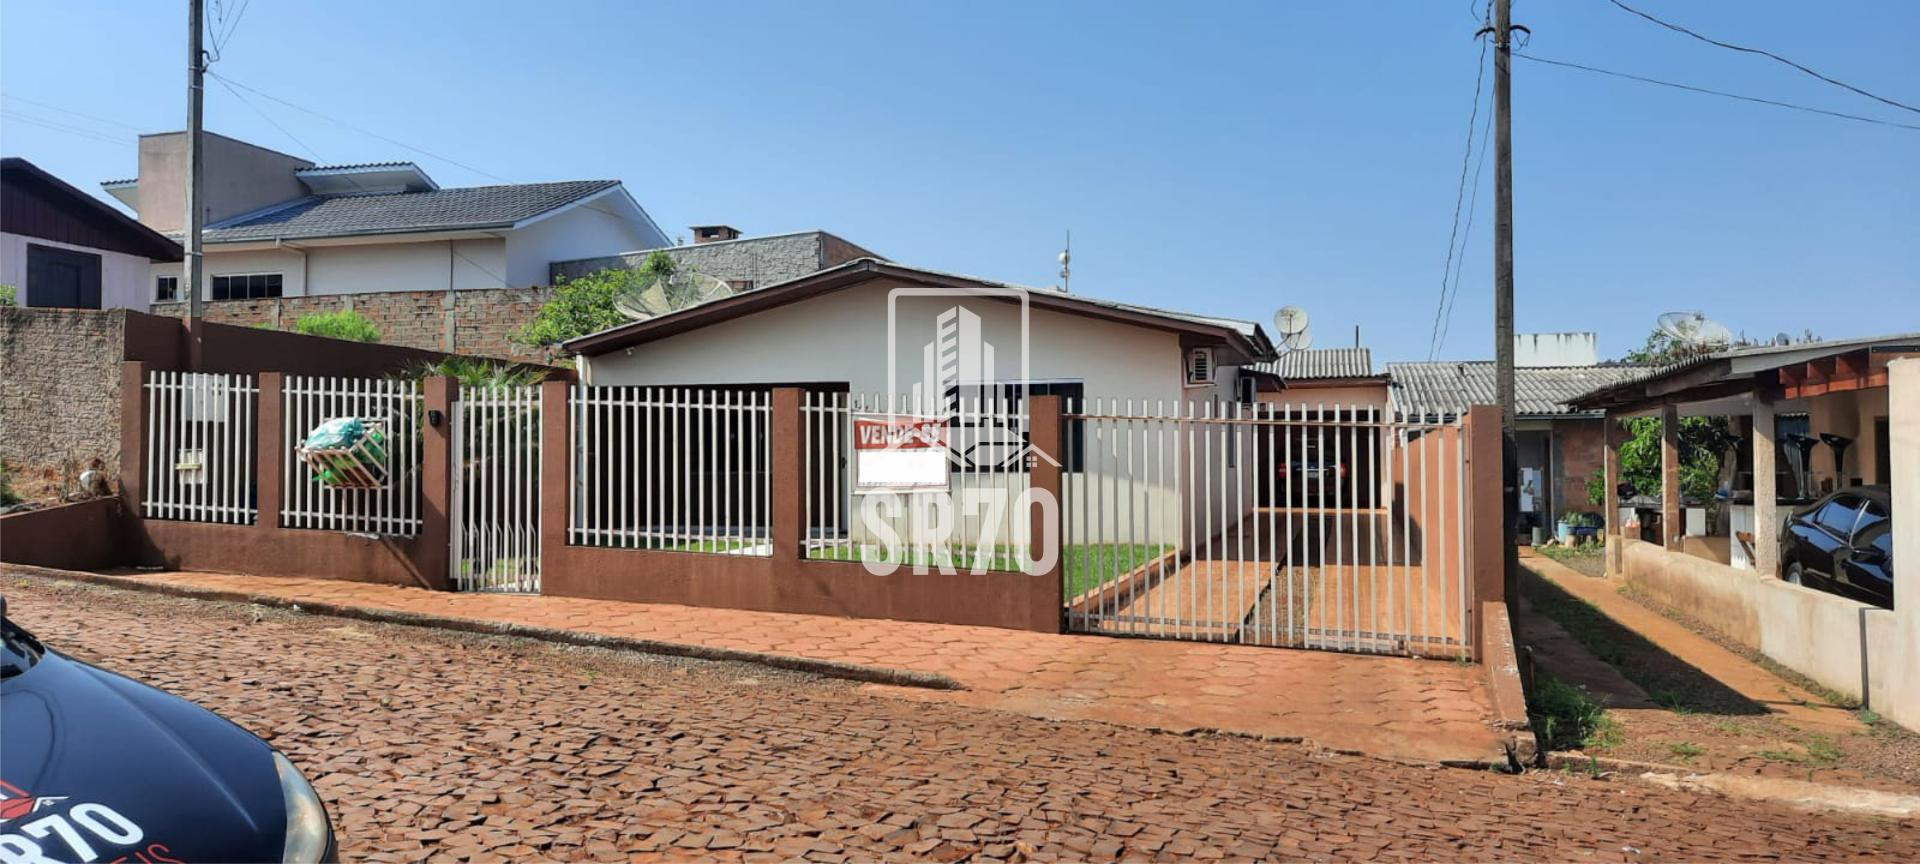 Casa com 2 dormitórios à venda, JARDIM FLORESTA, QUEDAS DO IGUACU - PR